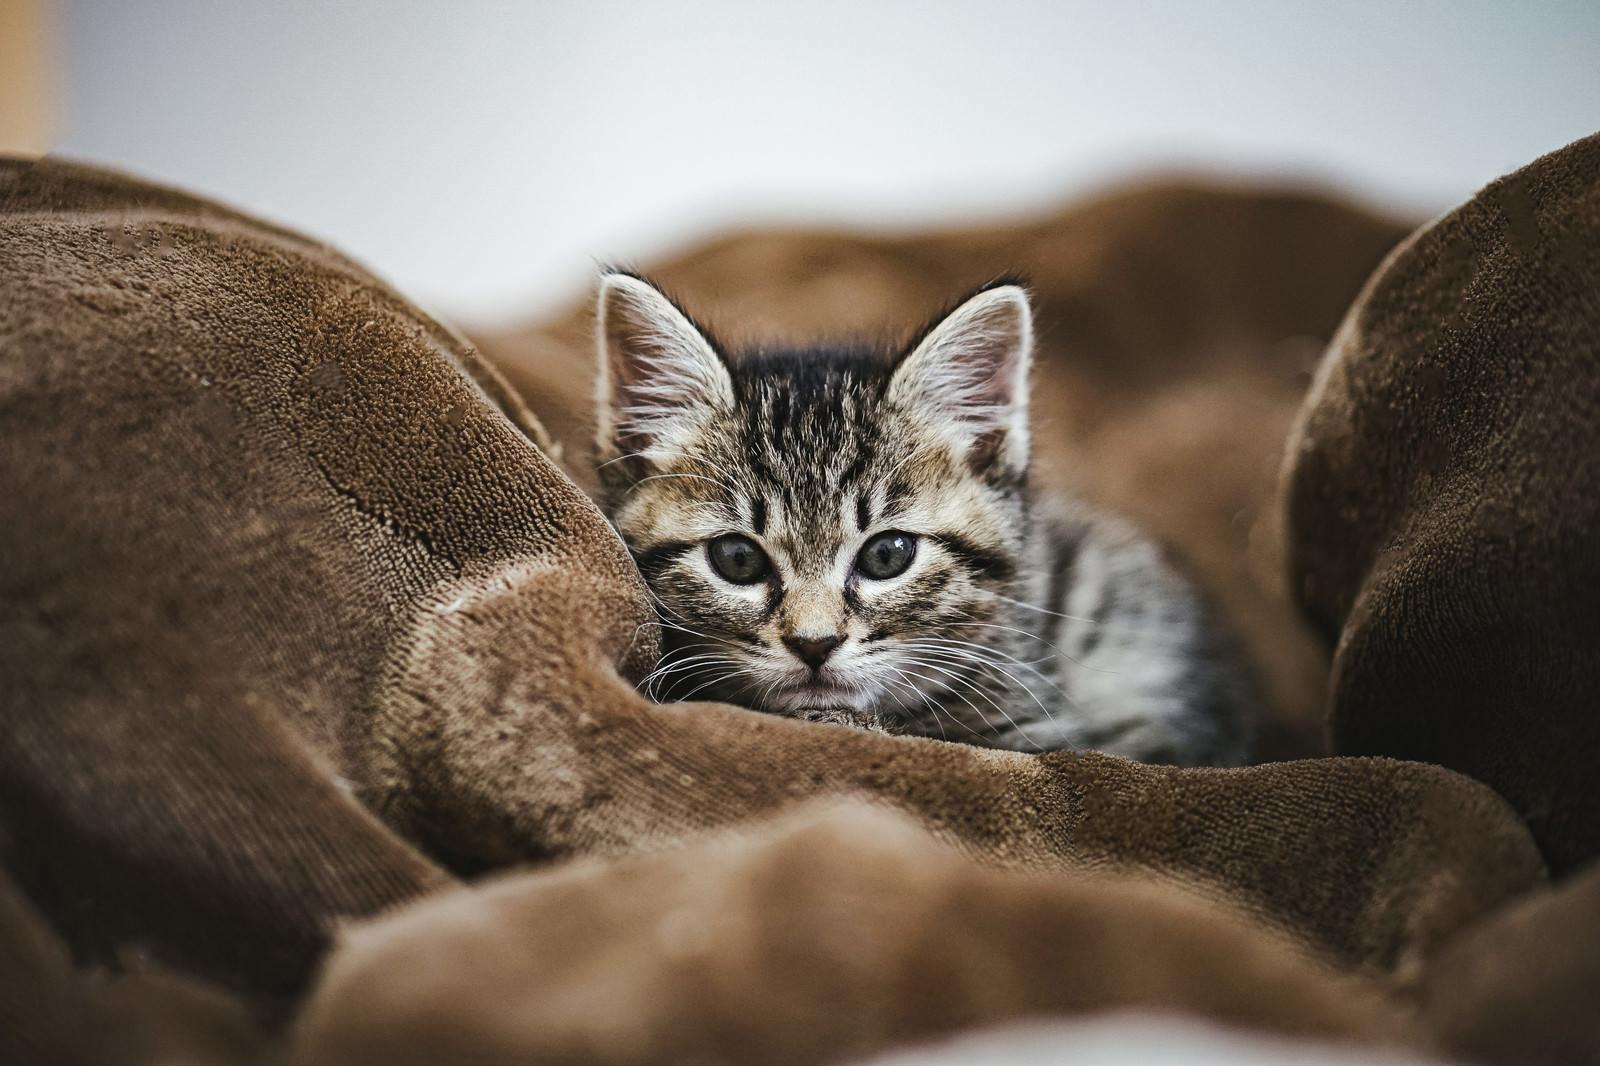 「まだ寝ないの?モーフで待つ子猫」の写真